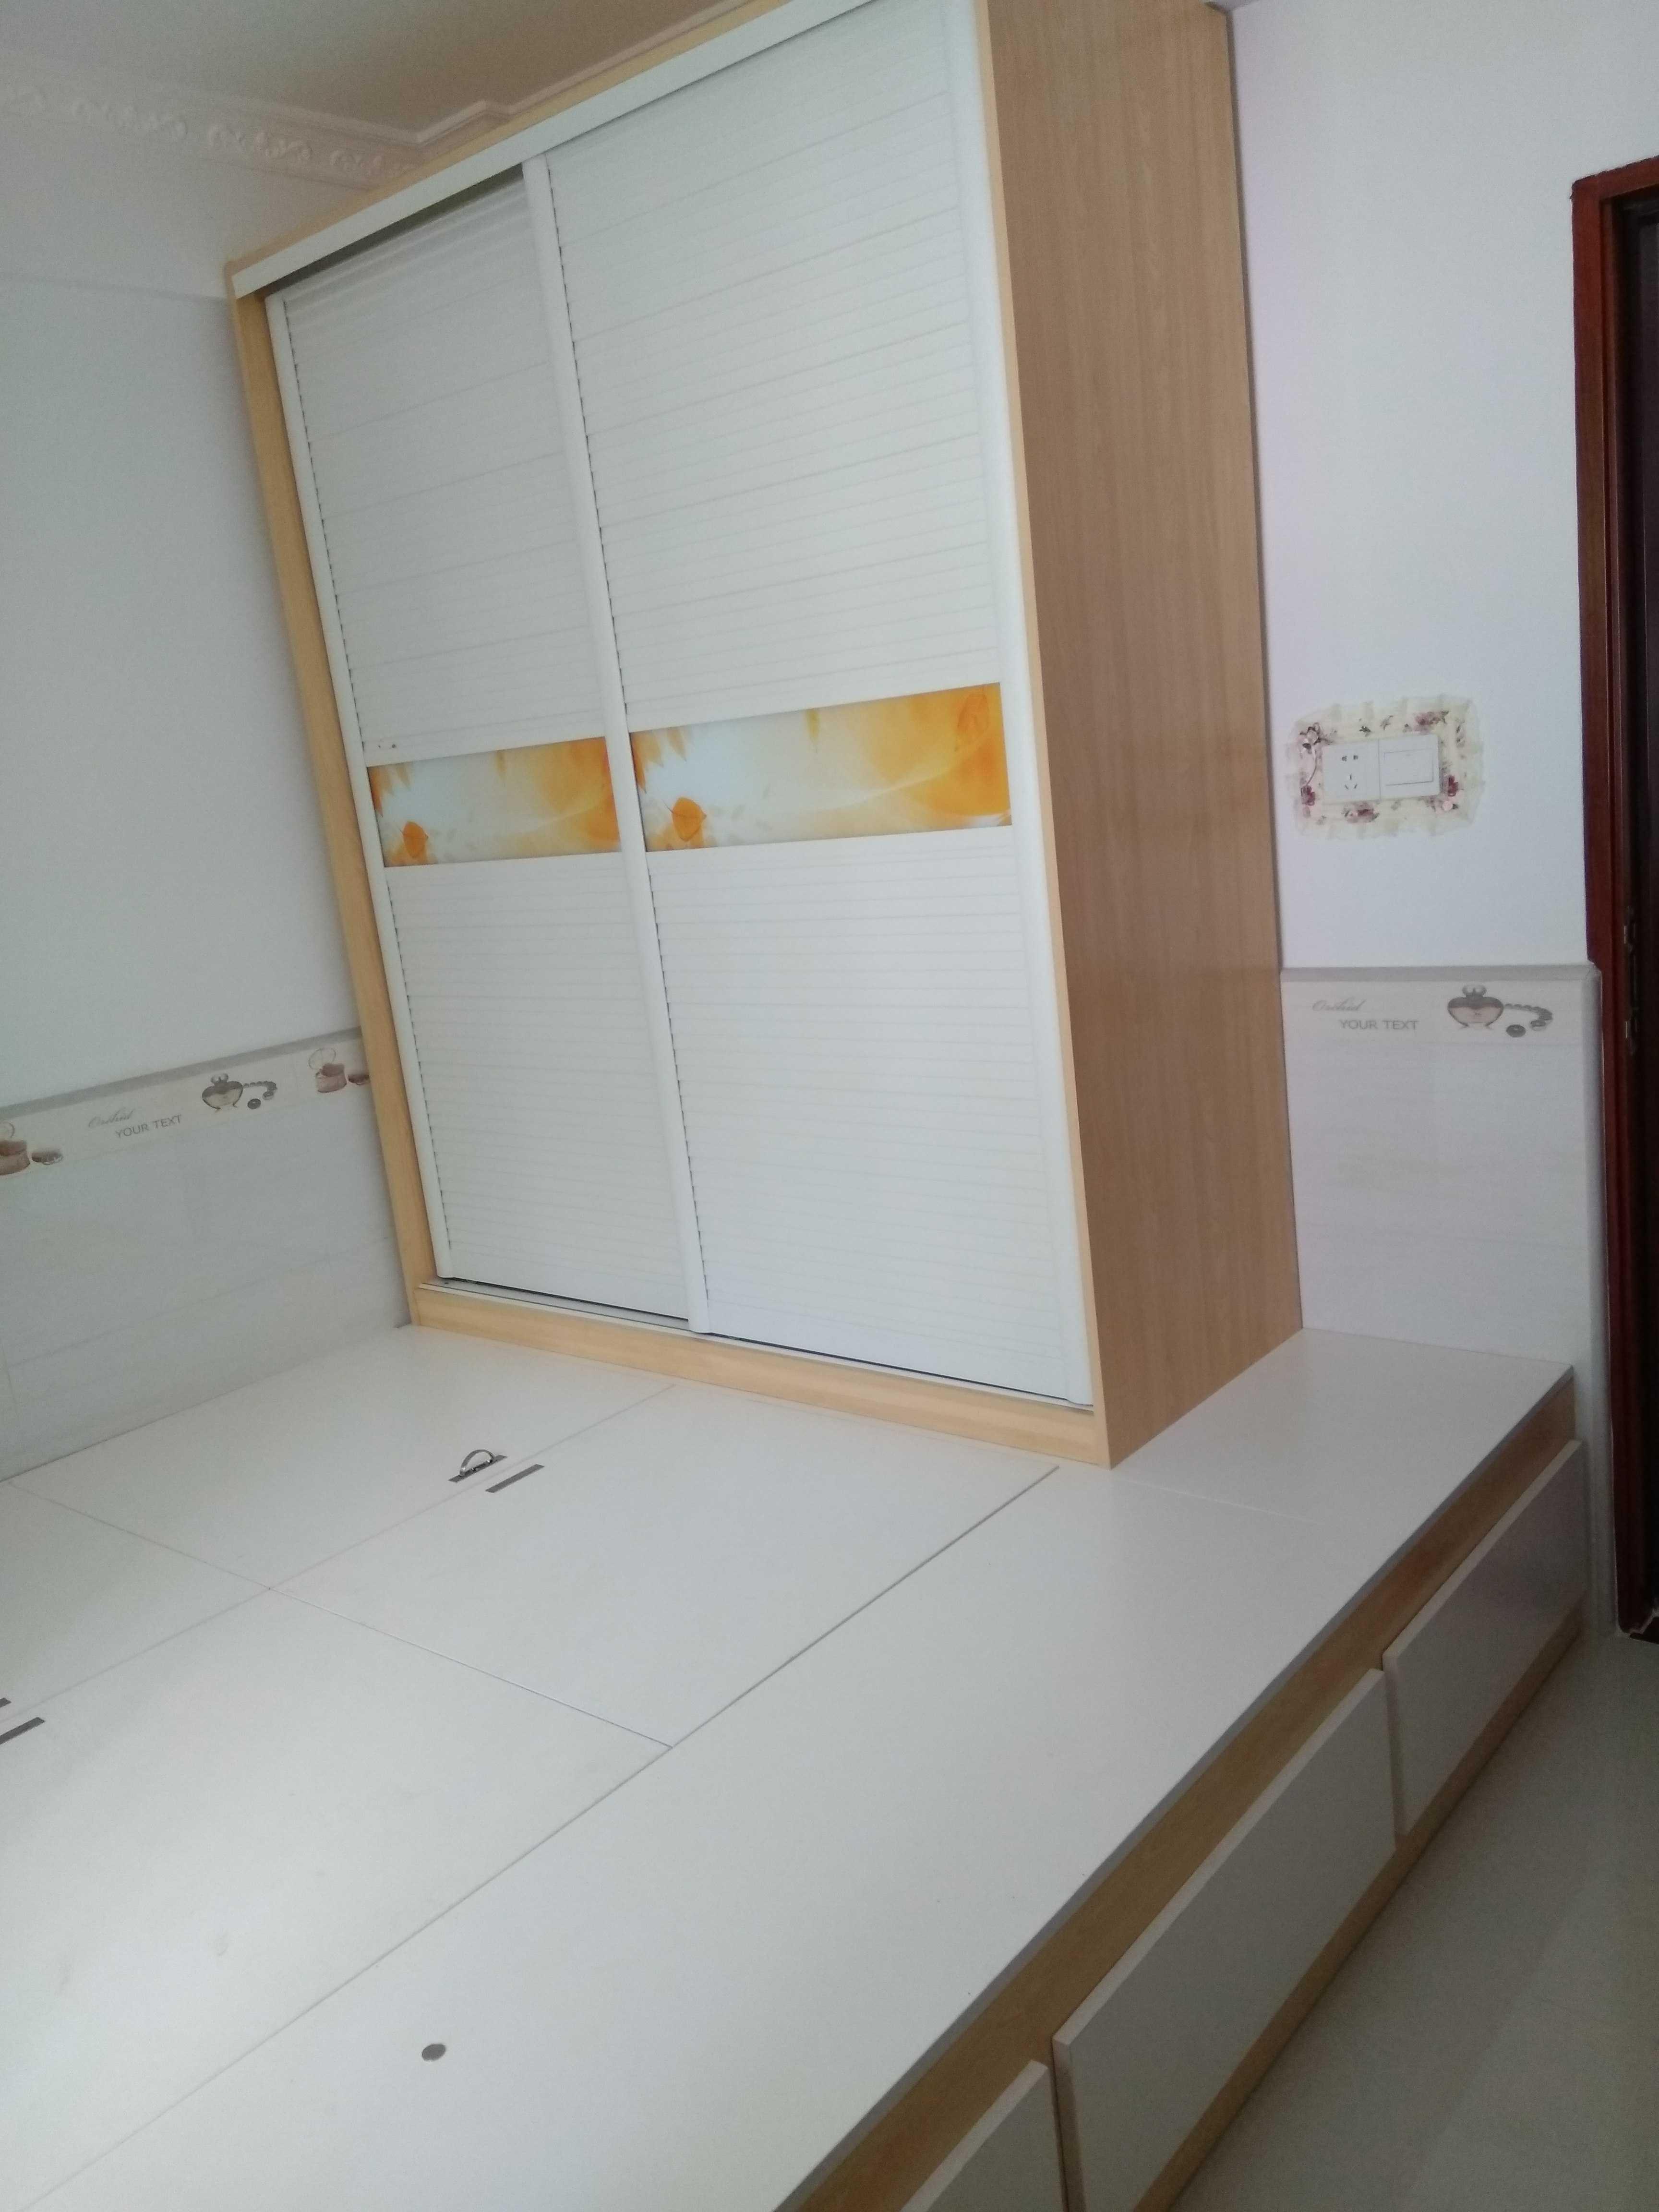 海南定制全屋家具衣柜橱柜大理石瓷砖铝合金多层板中迅抢购冲钻